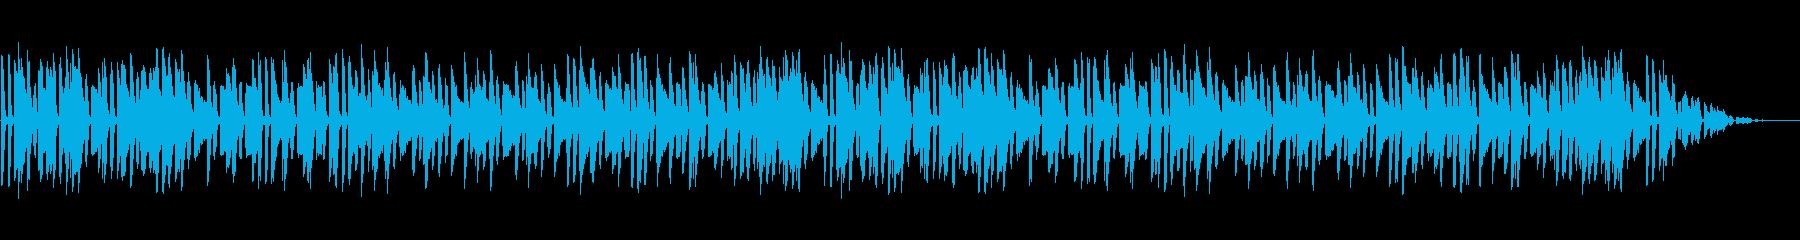 軽快で楽しげで聞きやすいピアノソロの再生済みの波形